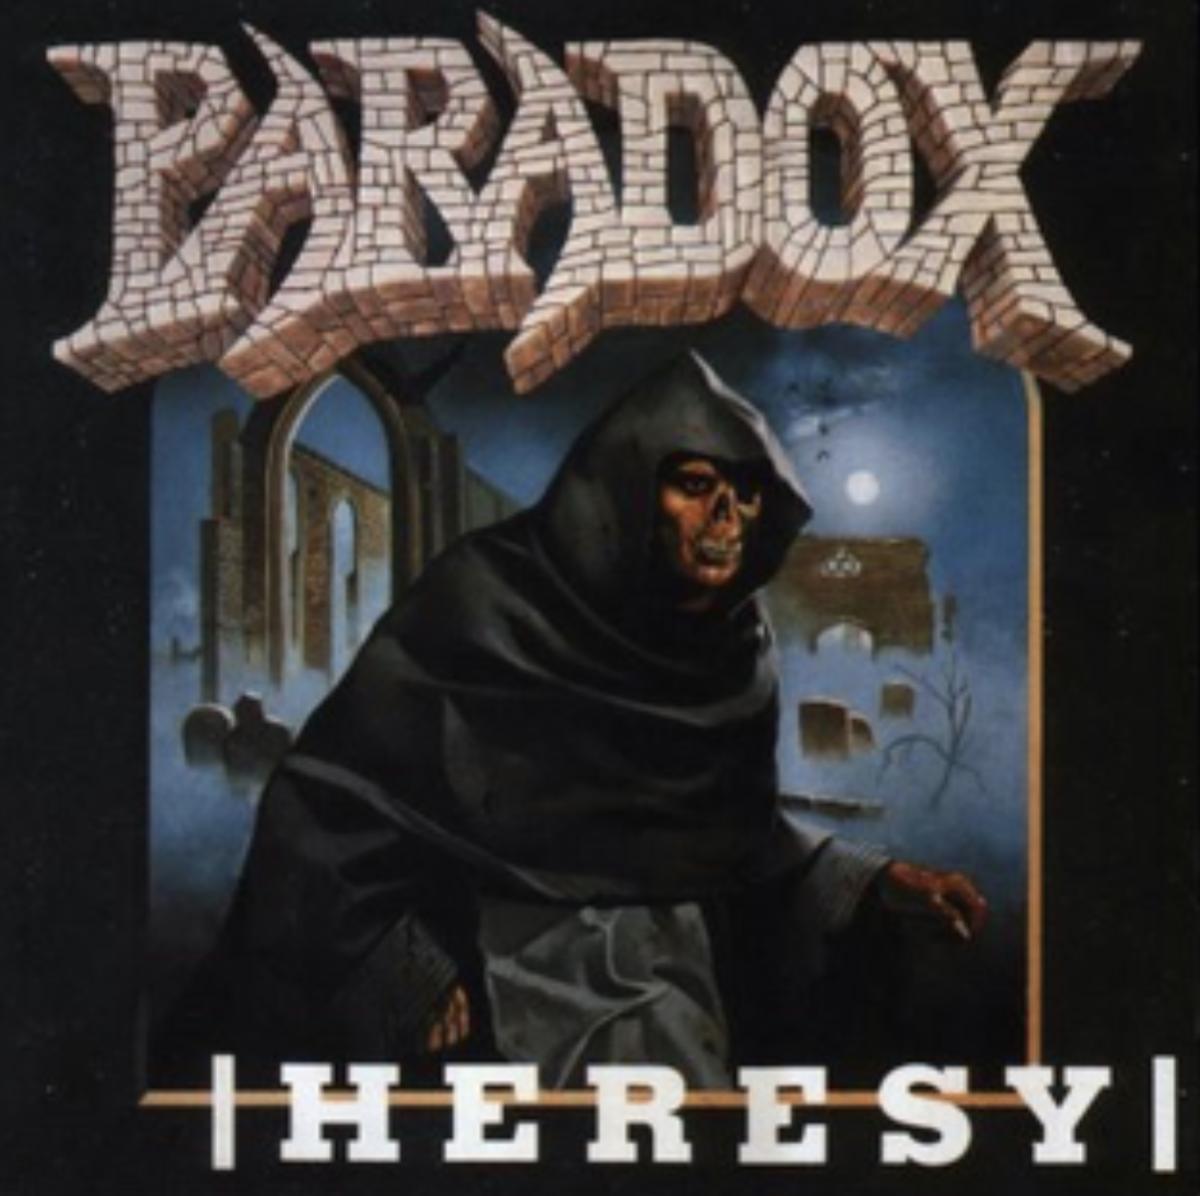 Heresy (Album Cover)